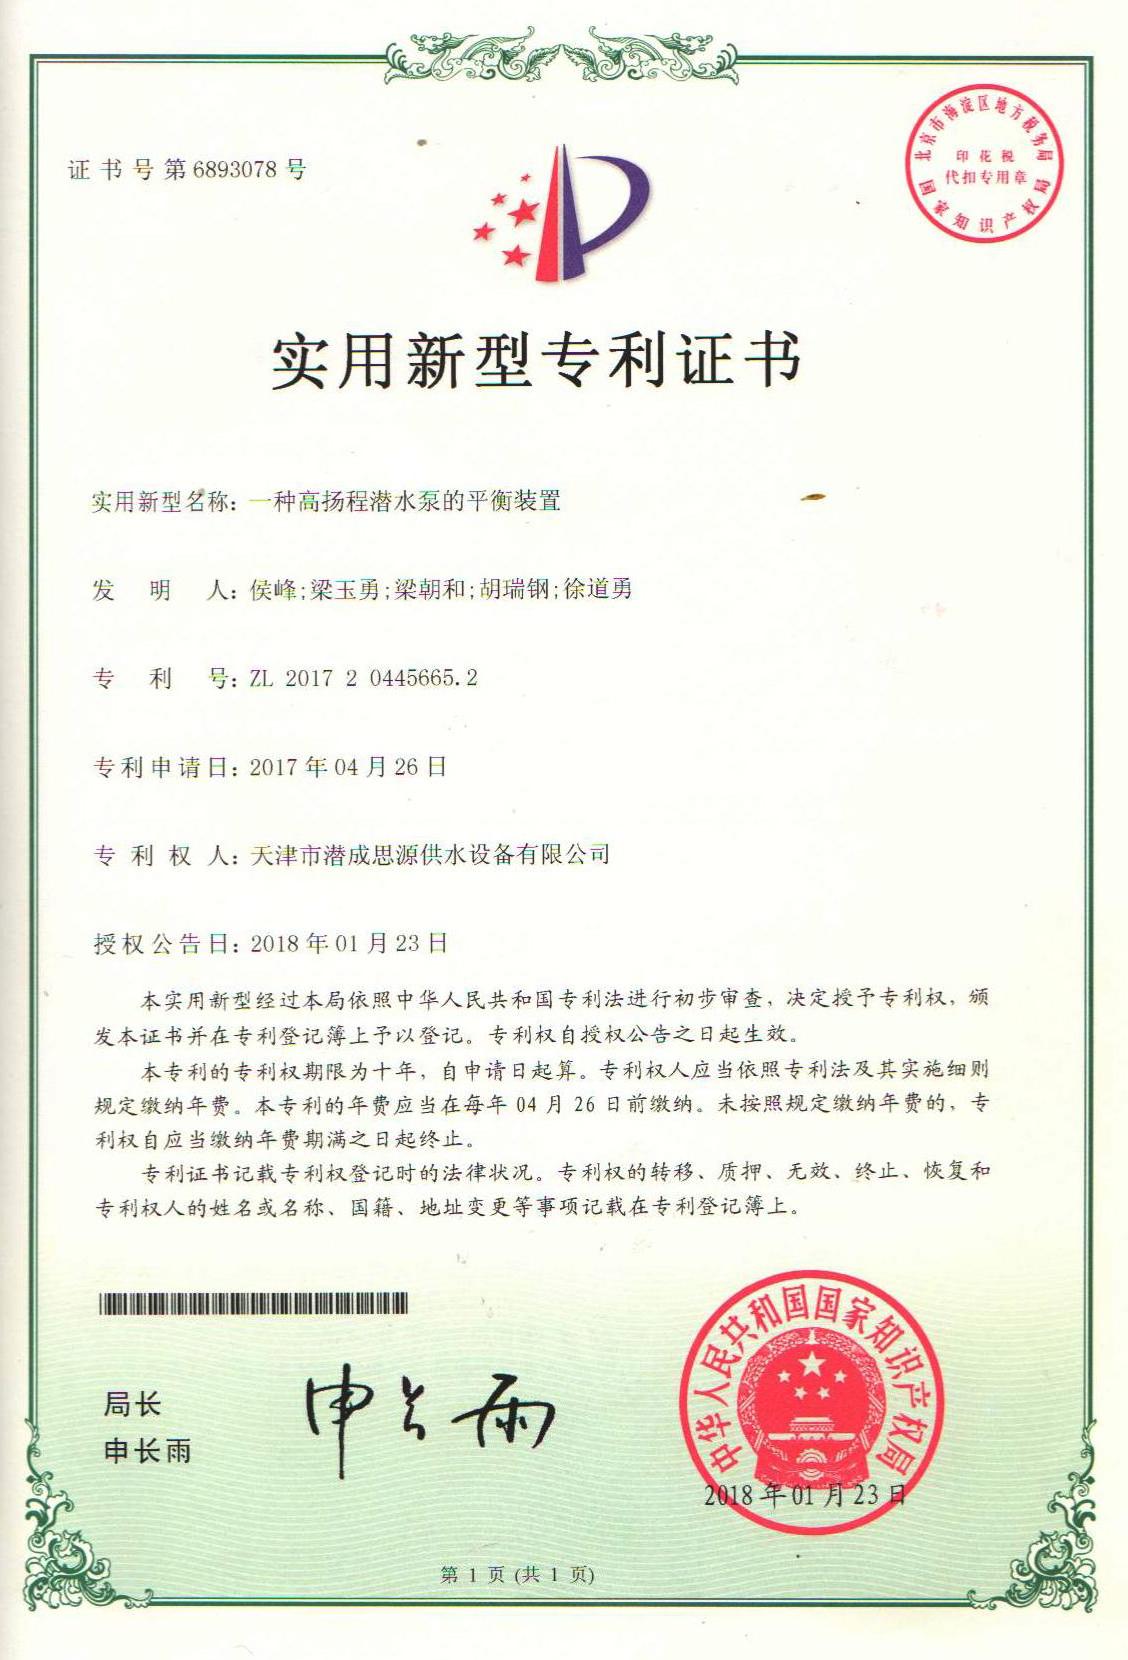 资质荣誉第8张-潜水电机-潜水电泵-高压潜水电机-天津潜成泵业